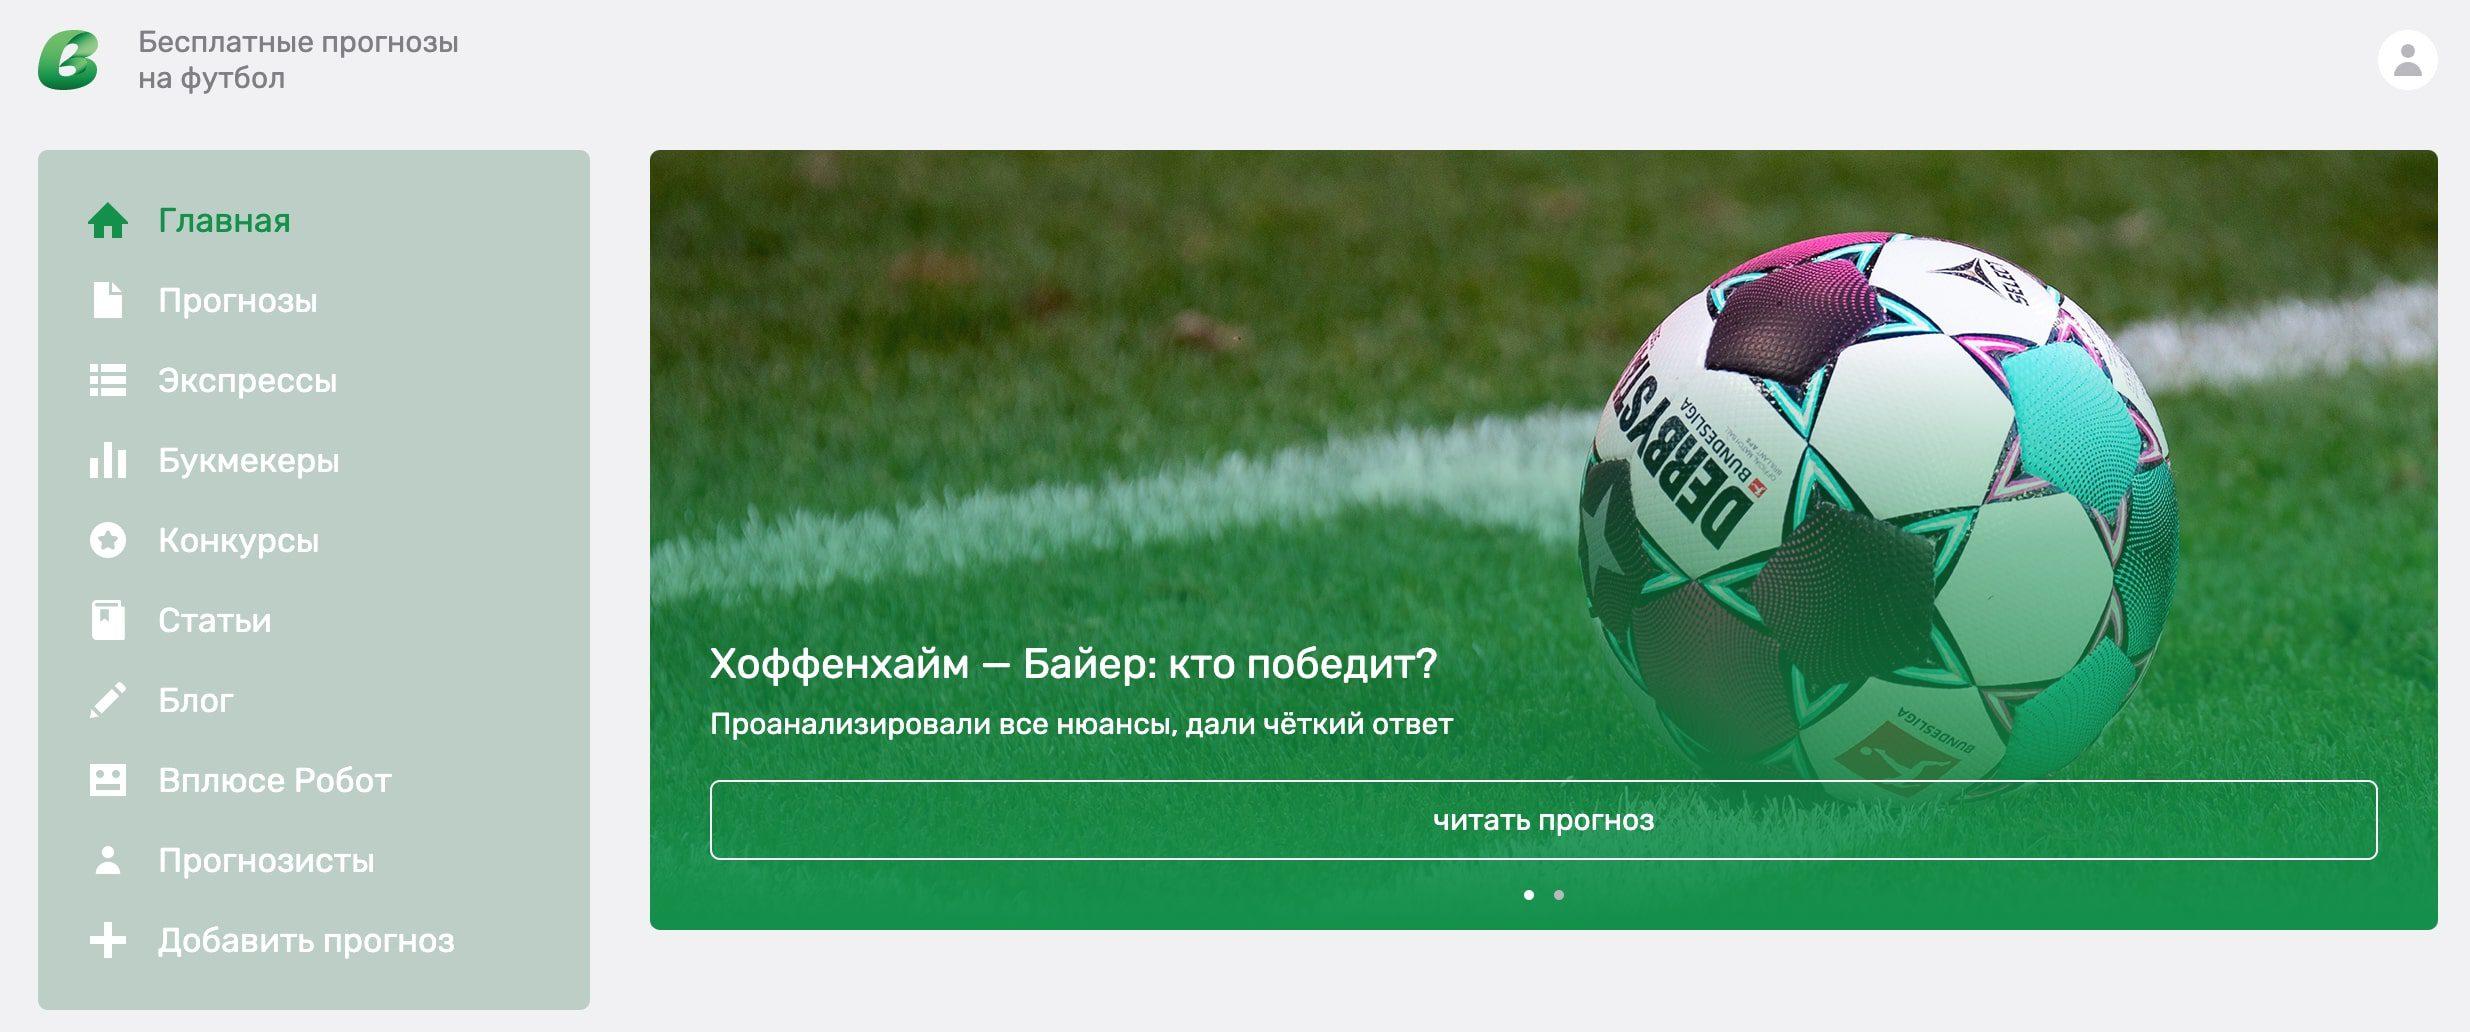 Главная страница сайта www Vpliuse.ru (Вплюсе)